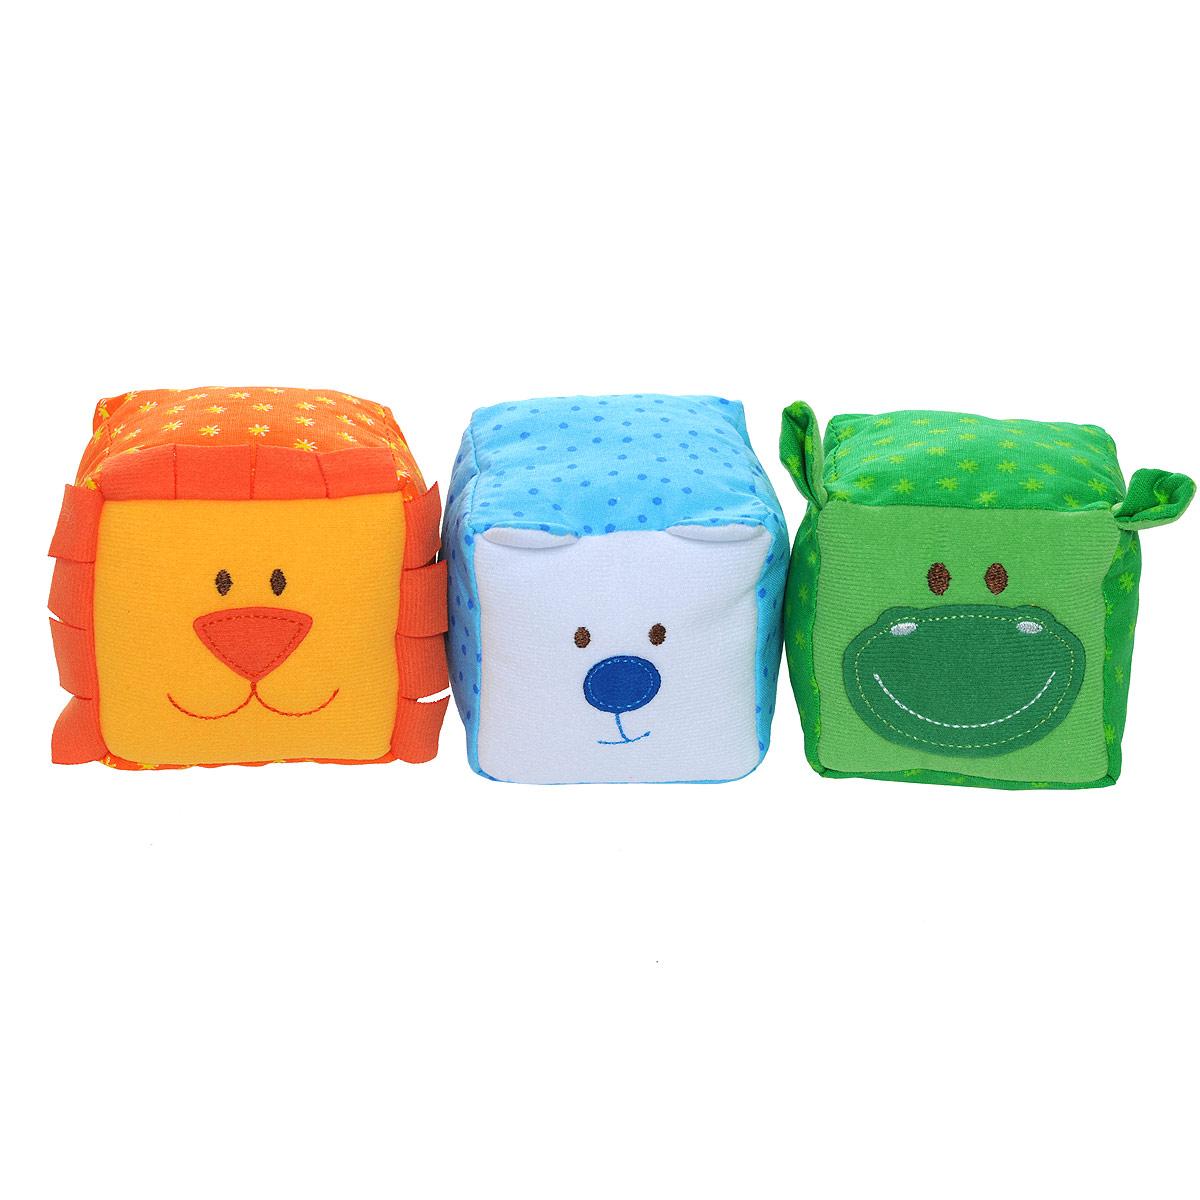 Мягкие кубики ЗооМякиши: Животные, 3 шт. 246246_лев,медведь,бегемотМягкие кубики ЗооМякиши: Животные помогут вашему ребенку увлекательно и с пользой провести время. Набор состоит из трех разноцветных кубиков, выполненных в виде животных: мишки, льва и бегемота. С помощью кубиков ваш ребенок познакомится с животными и сможет научиться первым навыкам конструирования. Кубики порадуют ребенка яркими цветами, милыми мордочками, поразительным сходством с птичками, а также разнообразием фактур. Внутри мишки спрятана погремушка, внутри льва - мелодичный колокольчик, а внутри бегемотика находится веселая пищалка. Кубики выполнены из высококачественной ткани с мягким наполнителем. Удачно подобранный размер, цвет и понятные рисунки помогут вашему малышу развить мышление, координацию движений и мелкую моторику рук, а также в игровой форме познакомиться с окружающим миром.